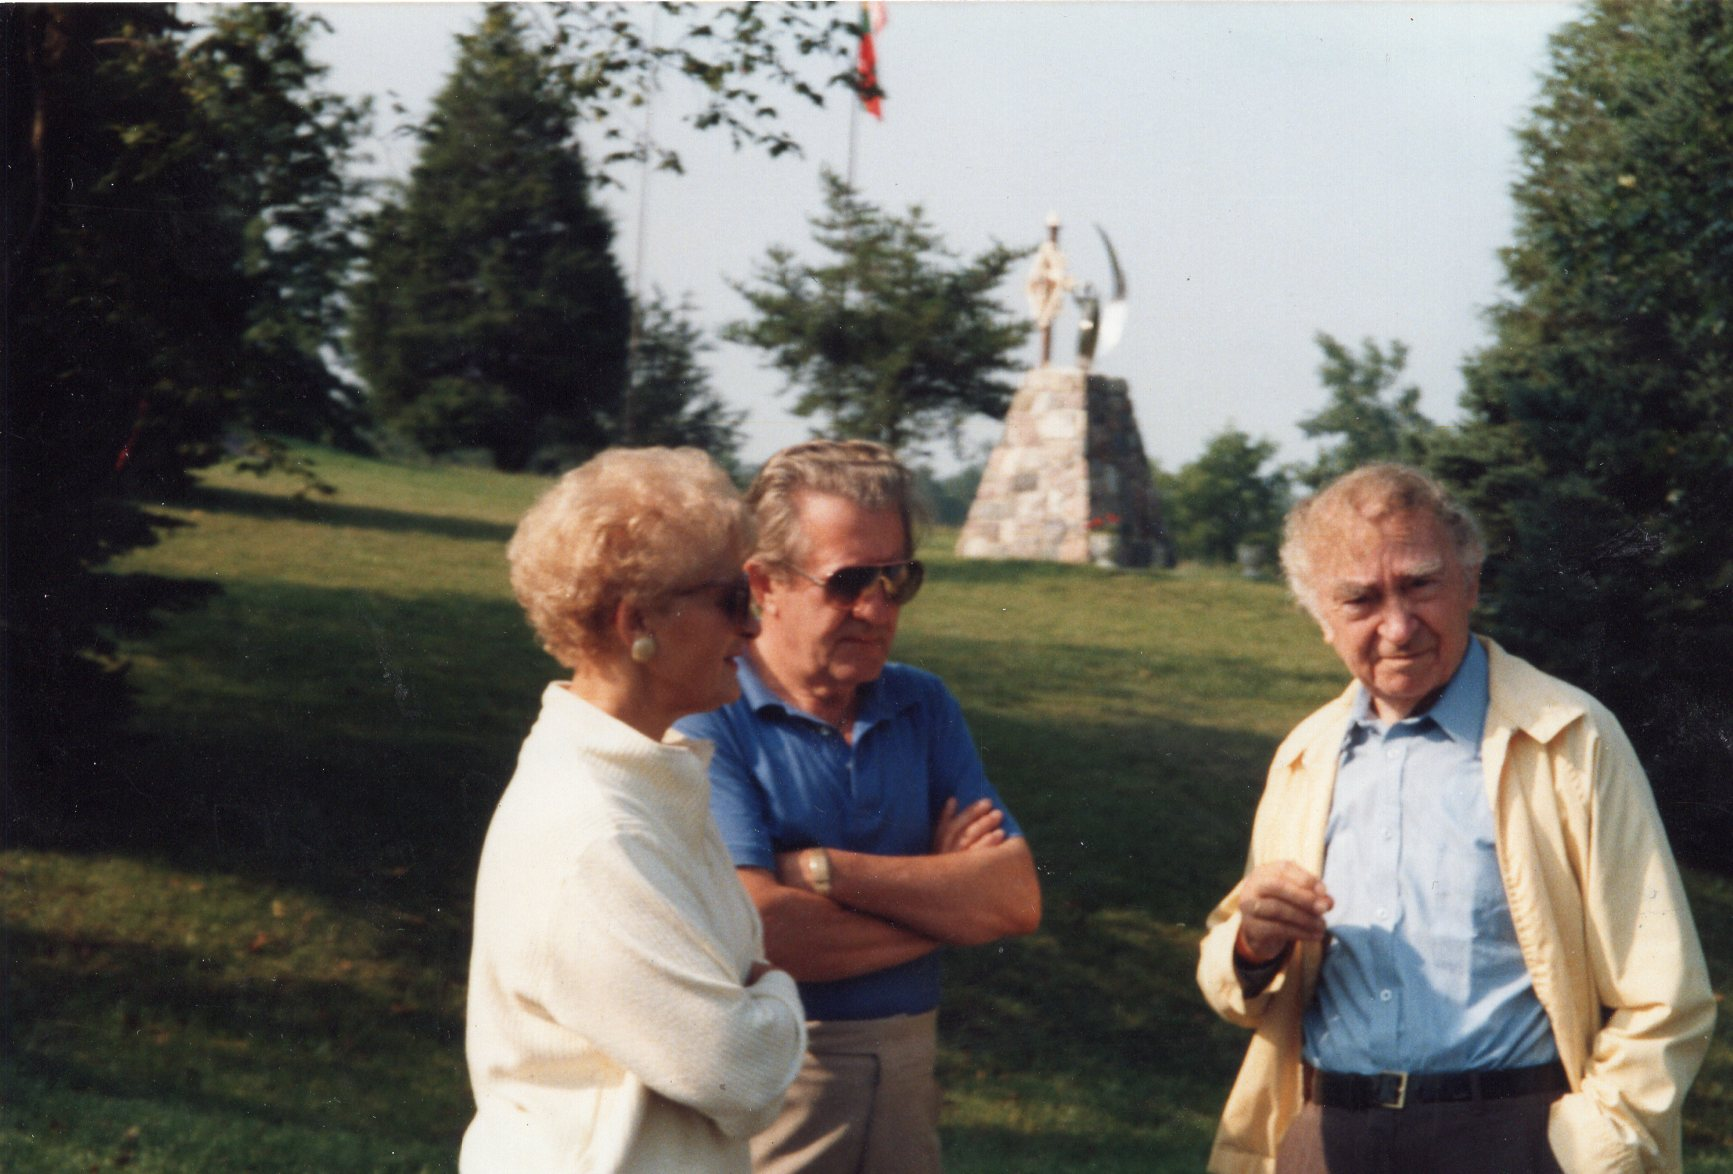 B. Brazdžionis (dešinėje) ir V. Volertas su žmona Brone. JAV, apie 1990 m.